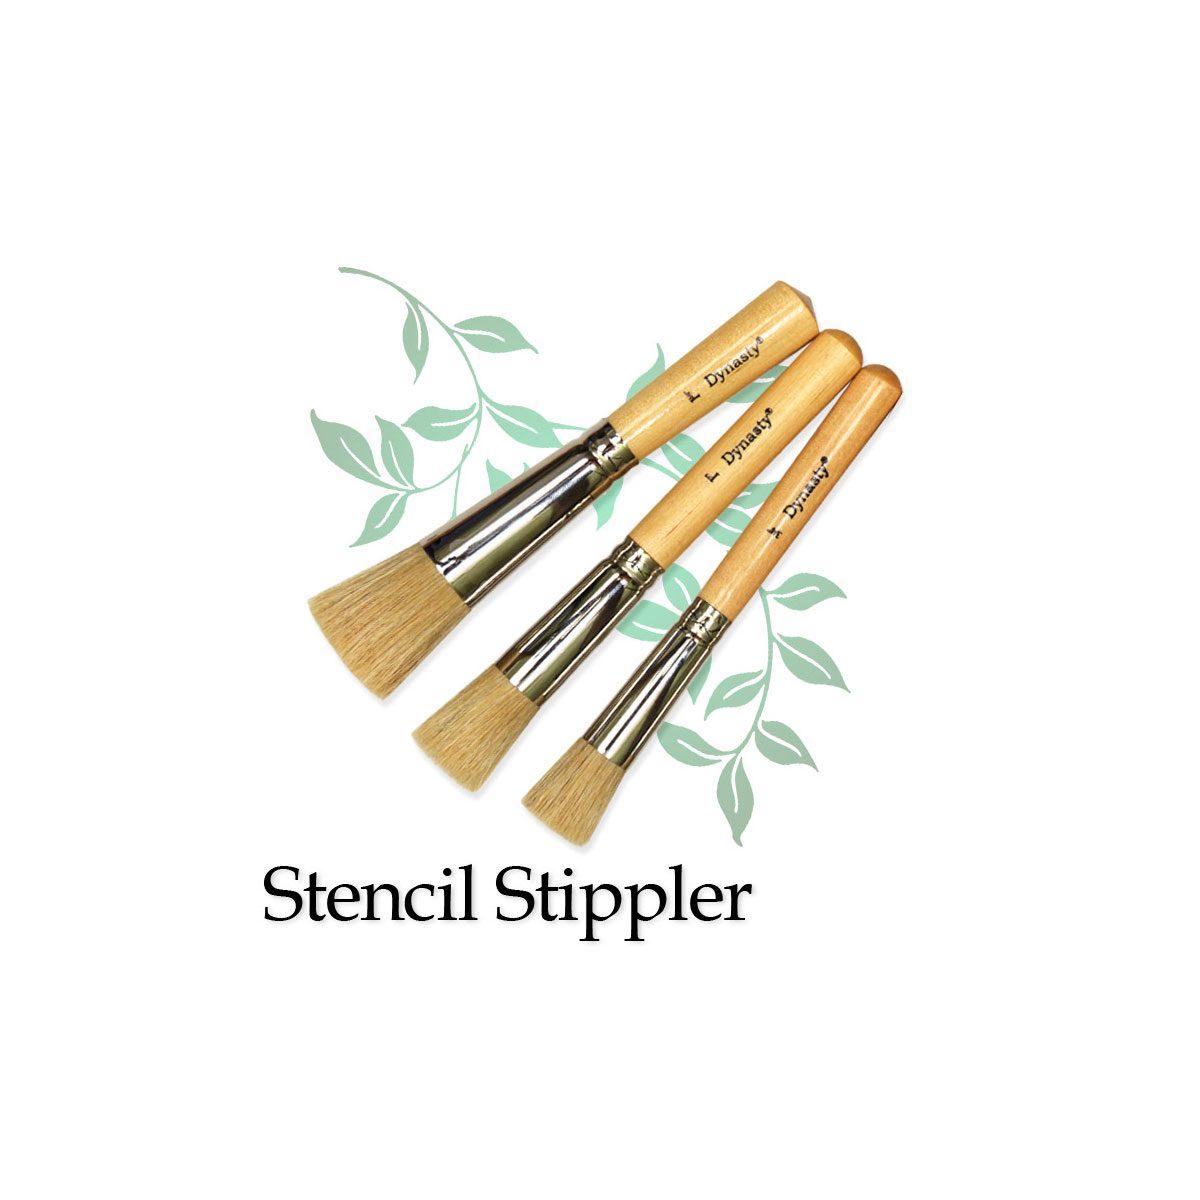 Stippler Paint Brush Stencilstippler